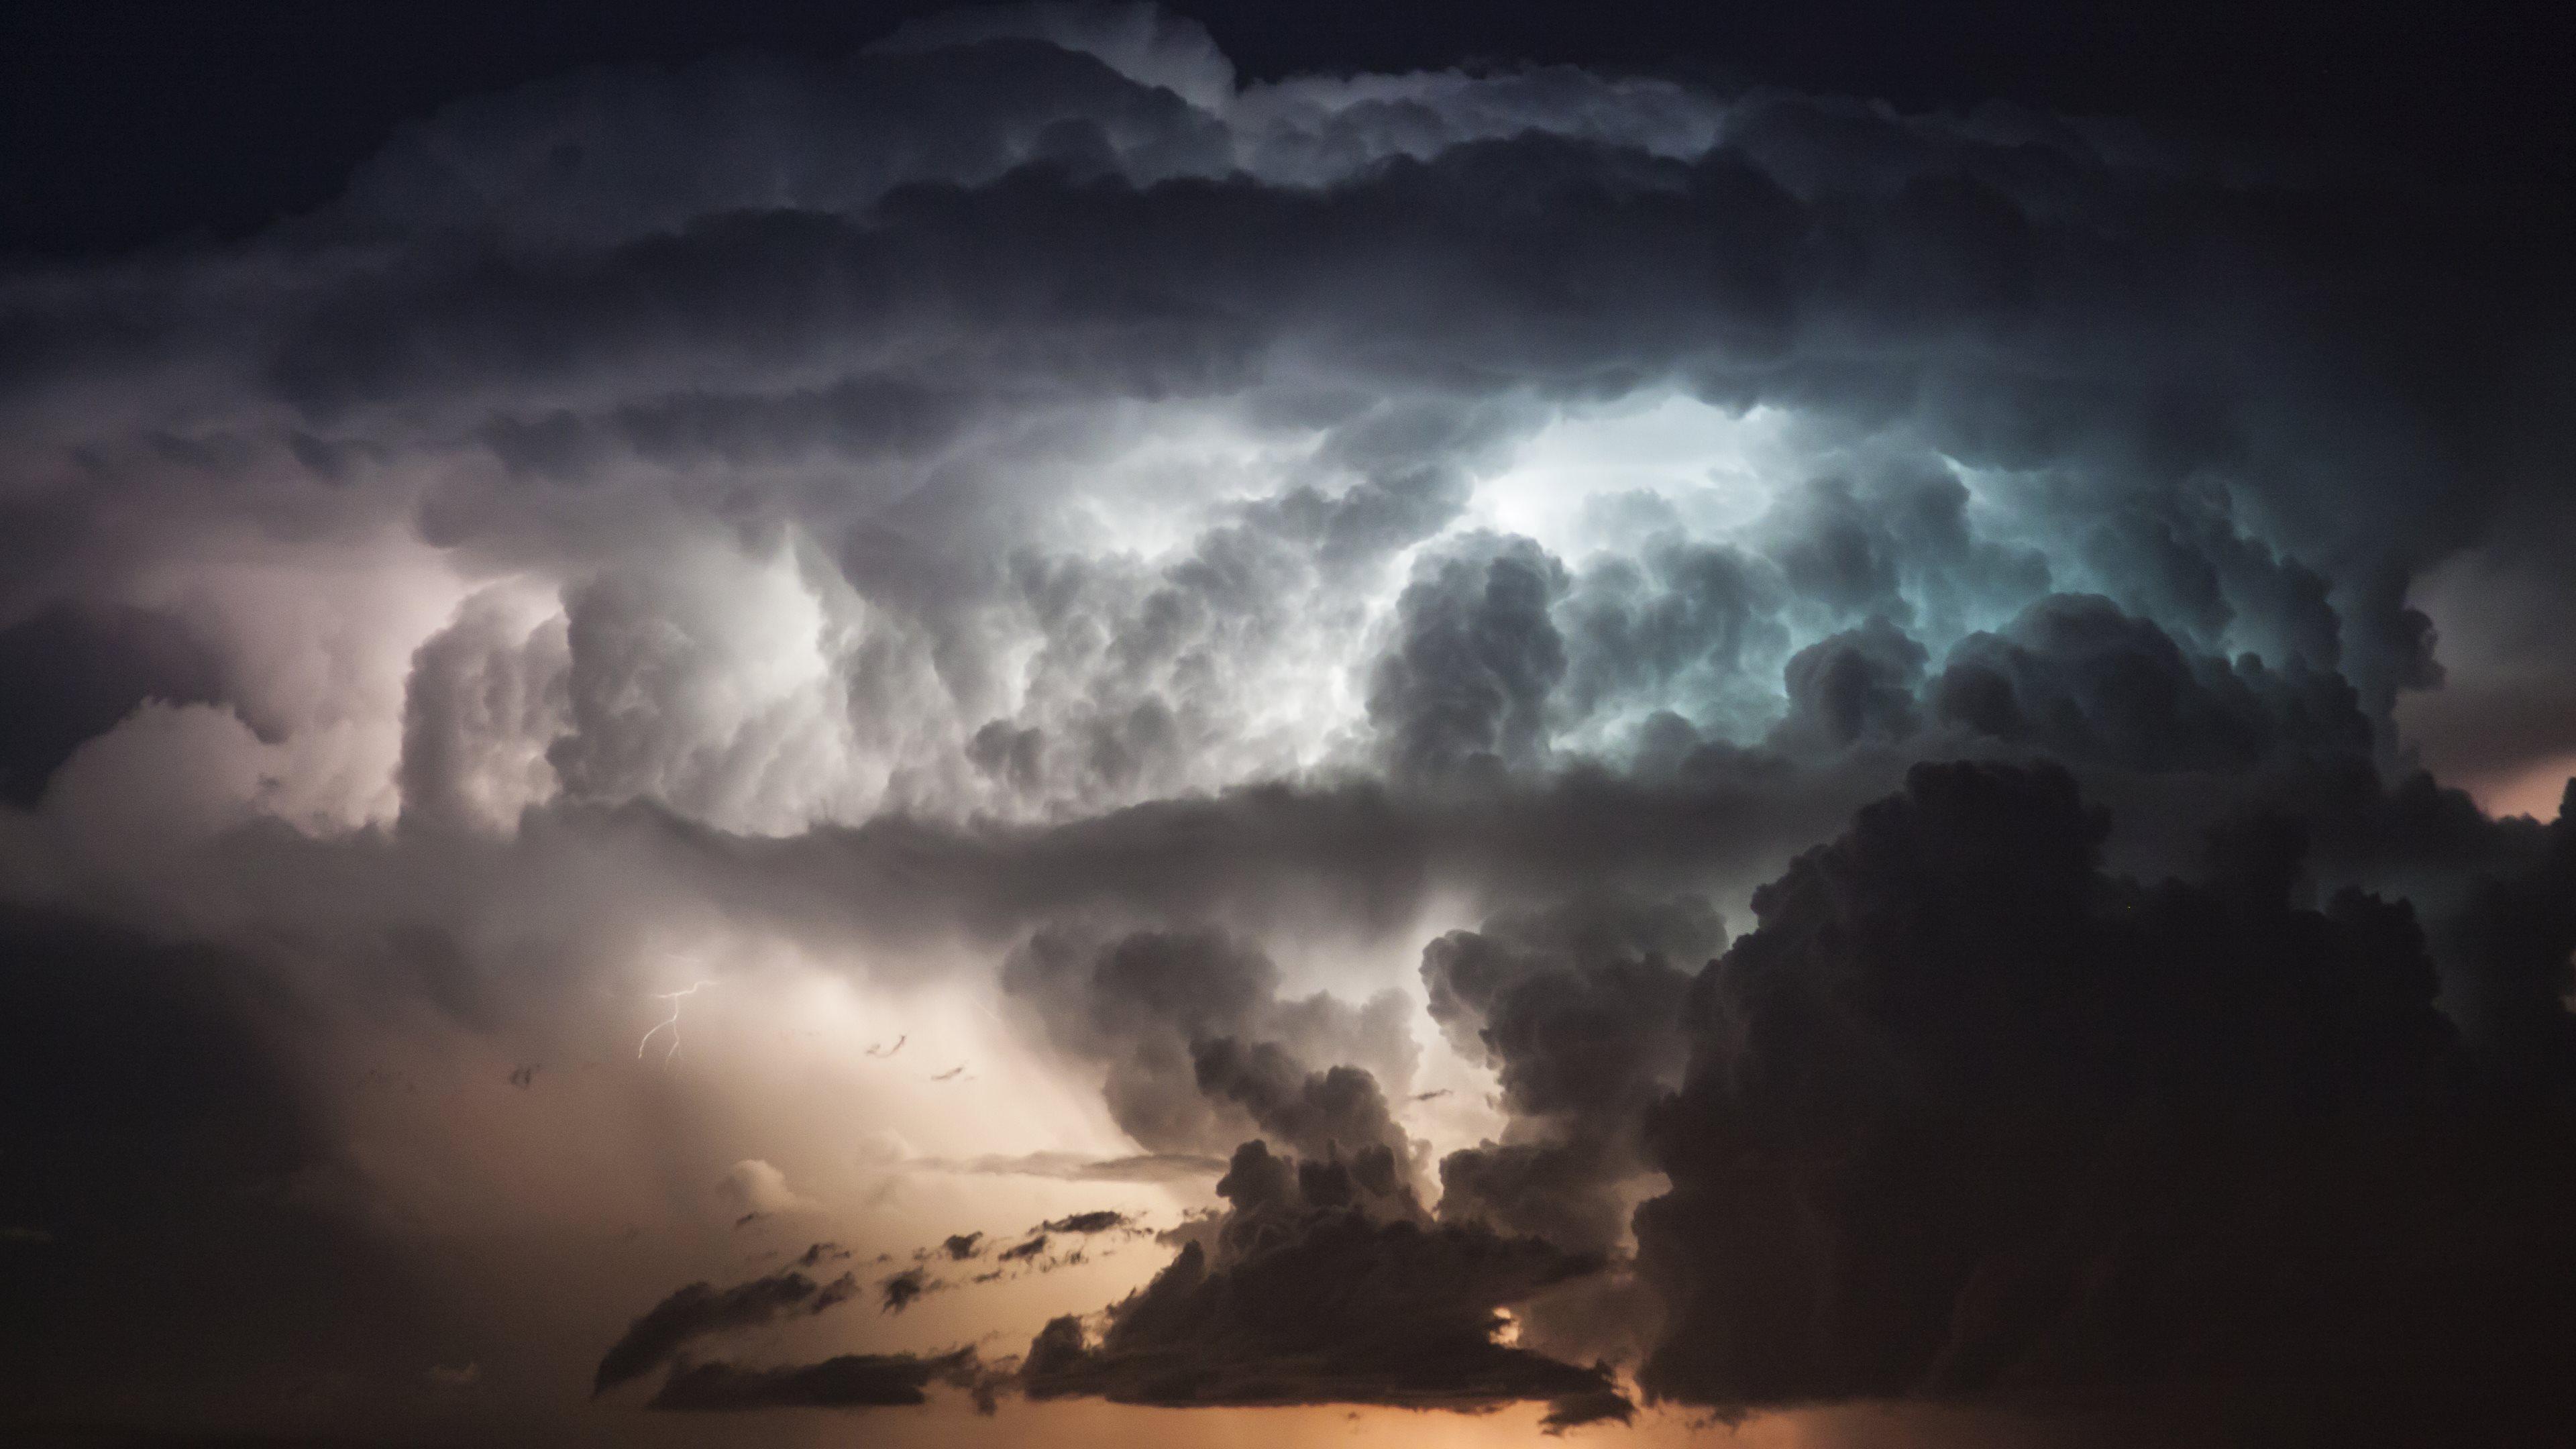 Thunderstorm wallpaper hd wallpapersafari - Lightning wallpaper 4k ...